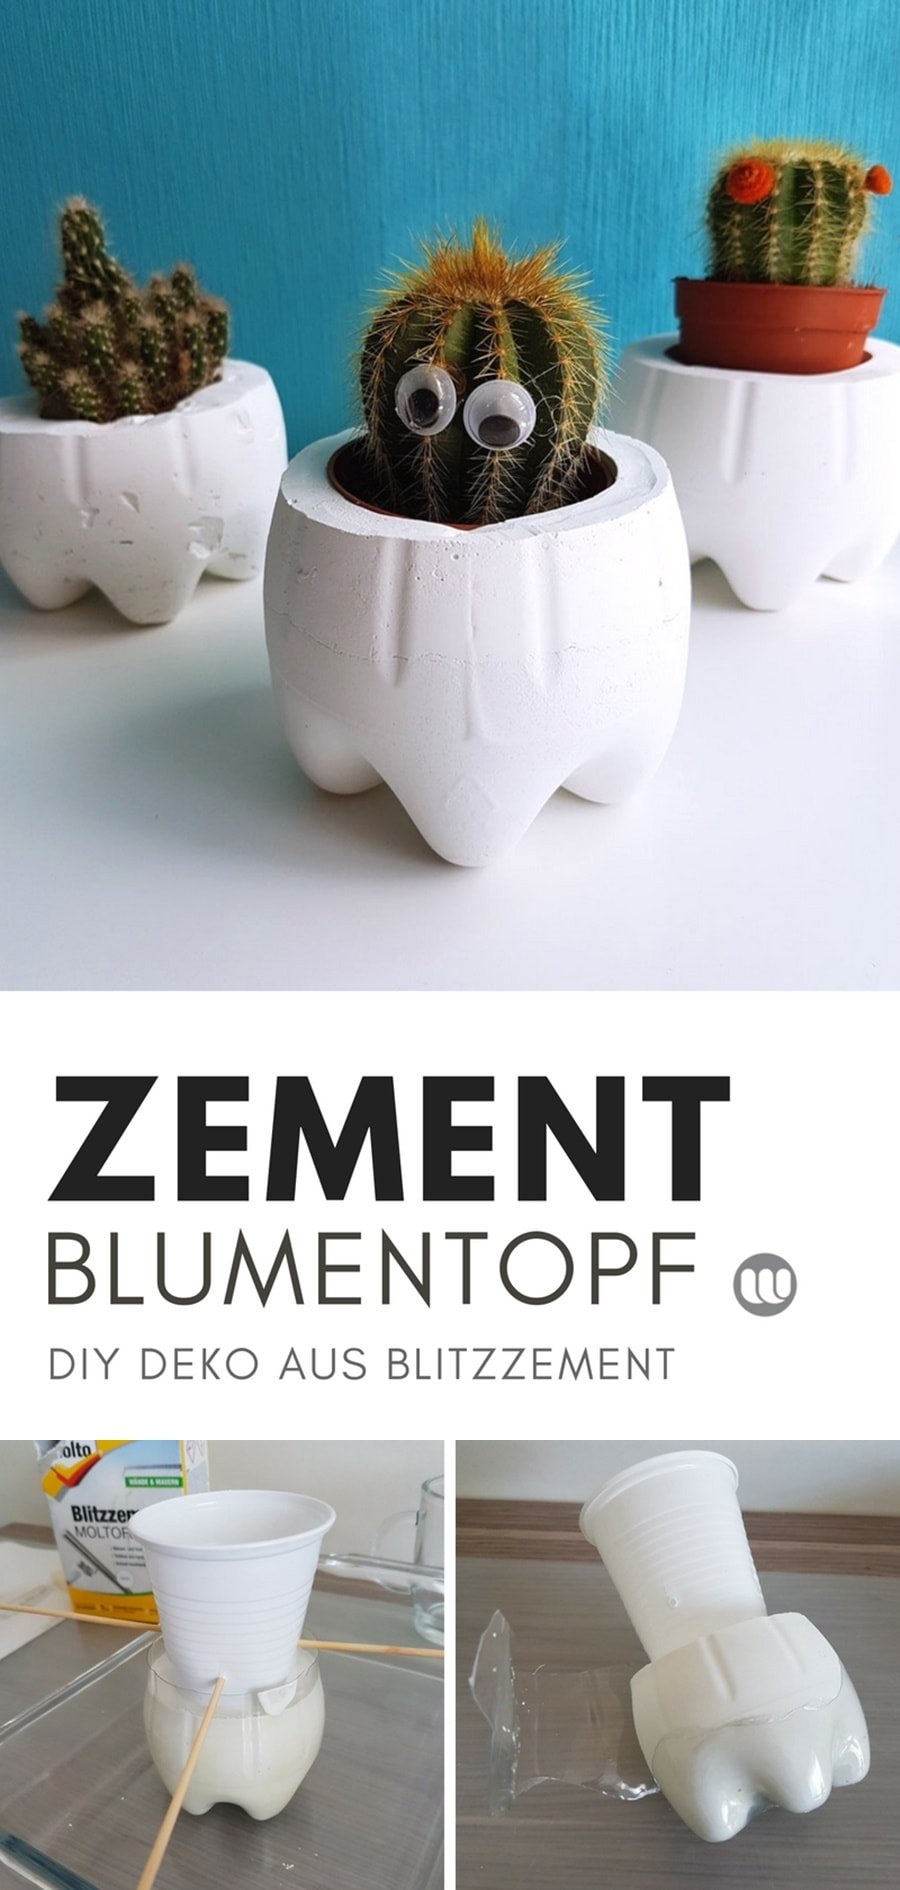 Basteln mitBlitzzement: Deko Idee & Anleitungen für niedliche Beton Blumentöpfe und Teelichthalter aus weißem MOLTOBlitzzementselber machen.